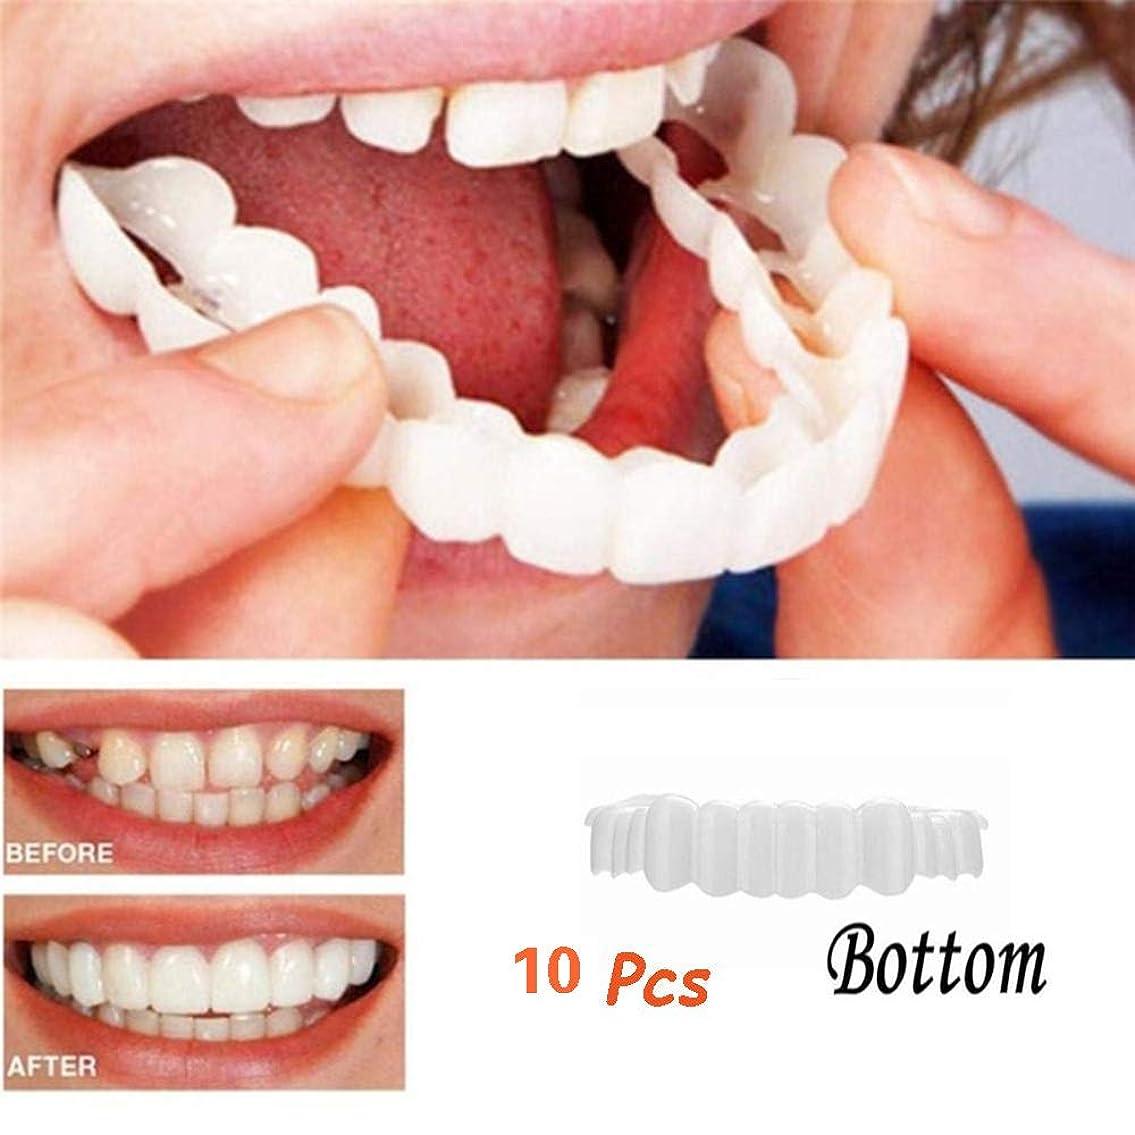 弱い部門変更可能10ピース化粧品歯化粧品歯科スナップスナップインスタント完璧な笑顔コンフォートフィットフレックス歯フィットほとんどの偽歯底白い歯カバー